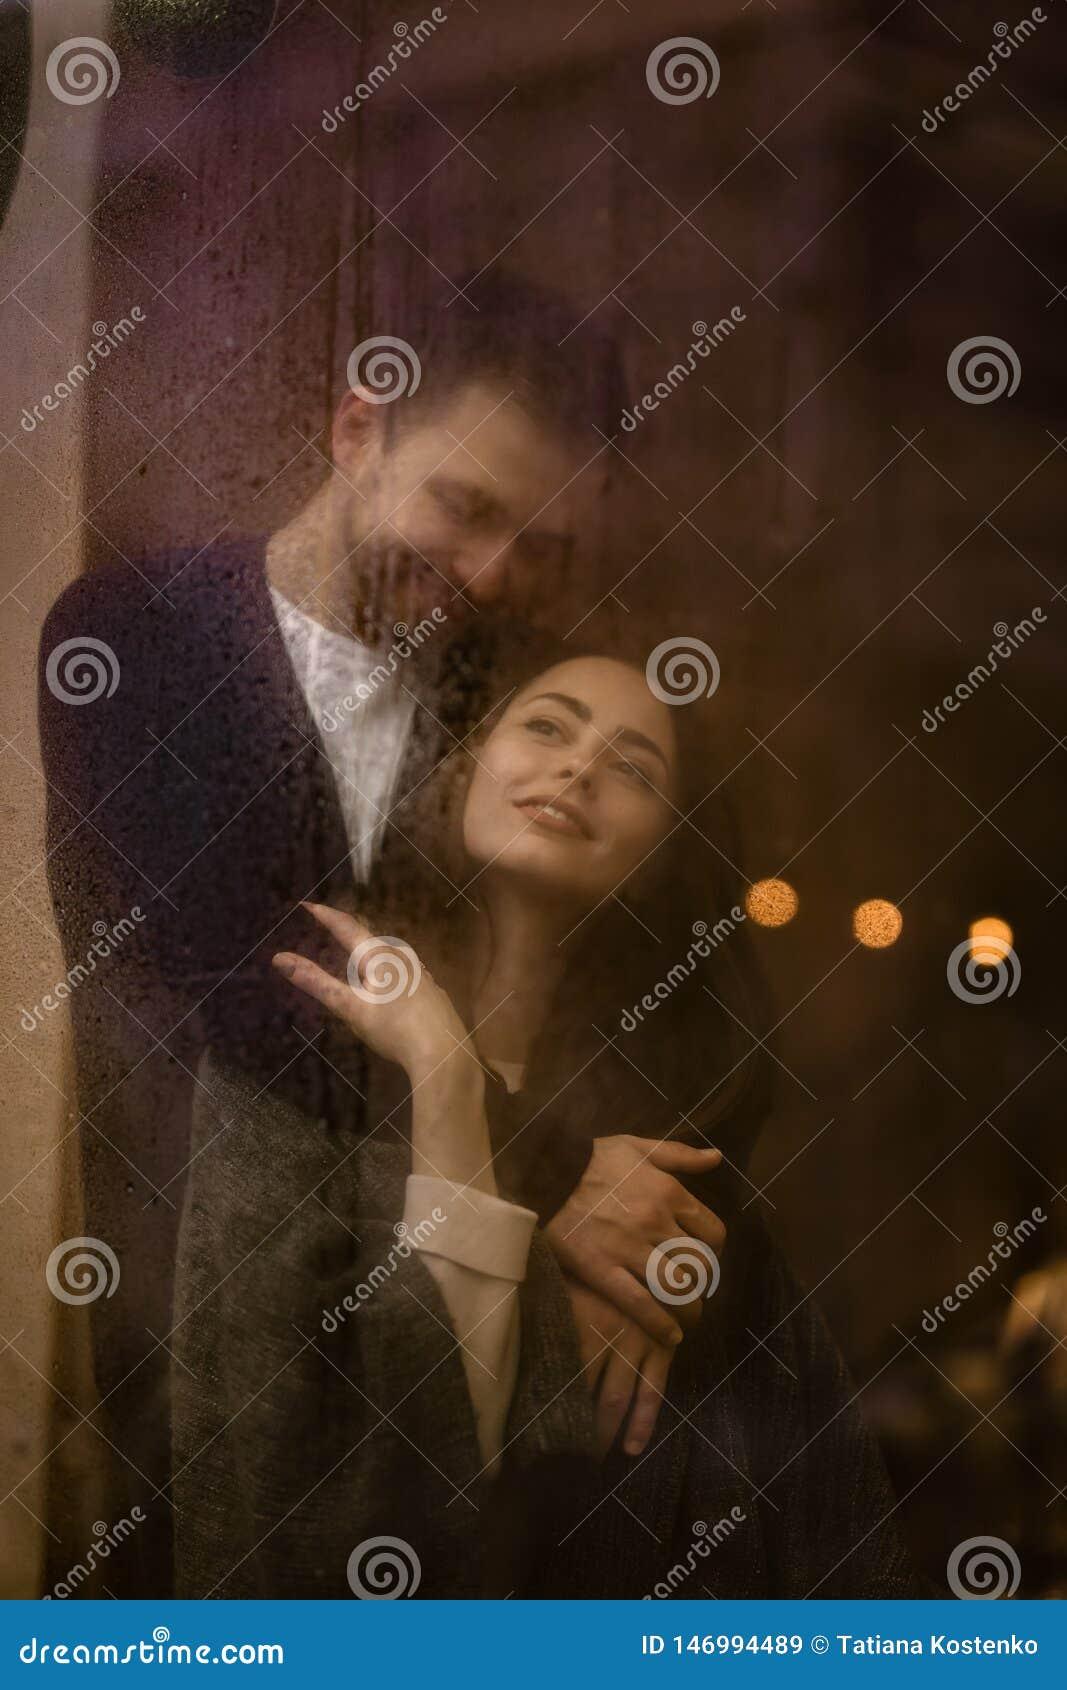 El individuo cariñoso romántico abraza su situación feliz de la novia detrás de una ventana mojada con las luces